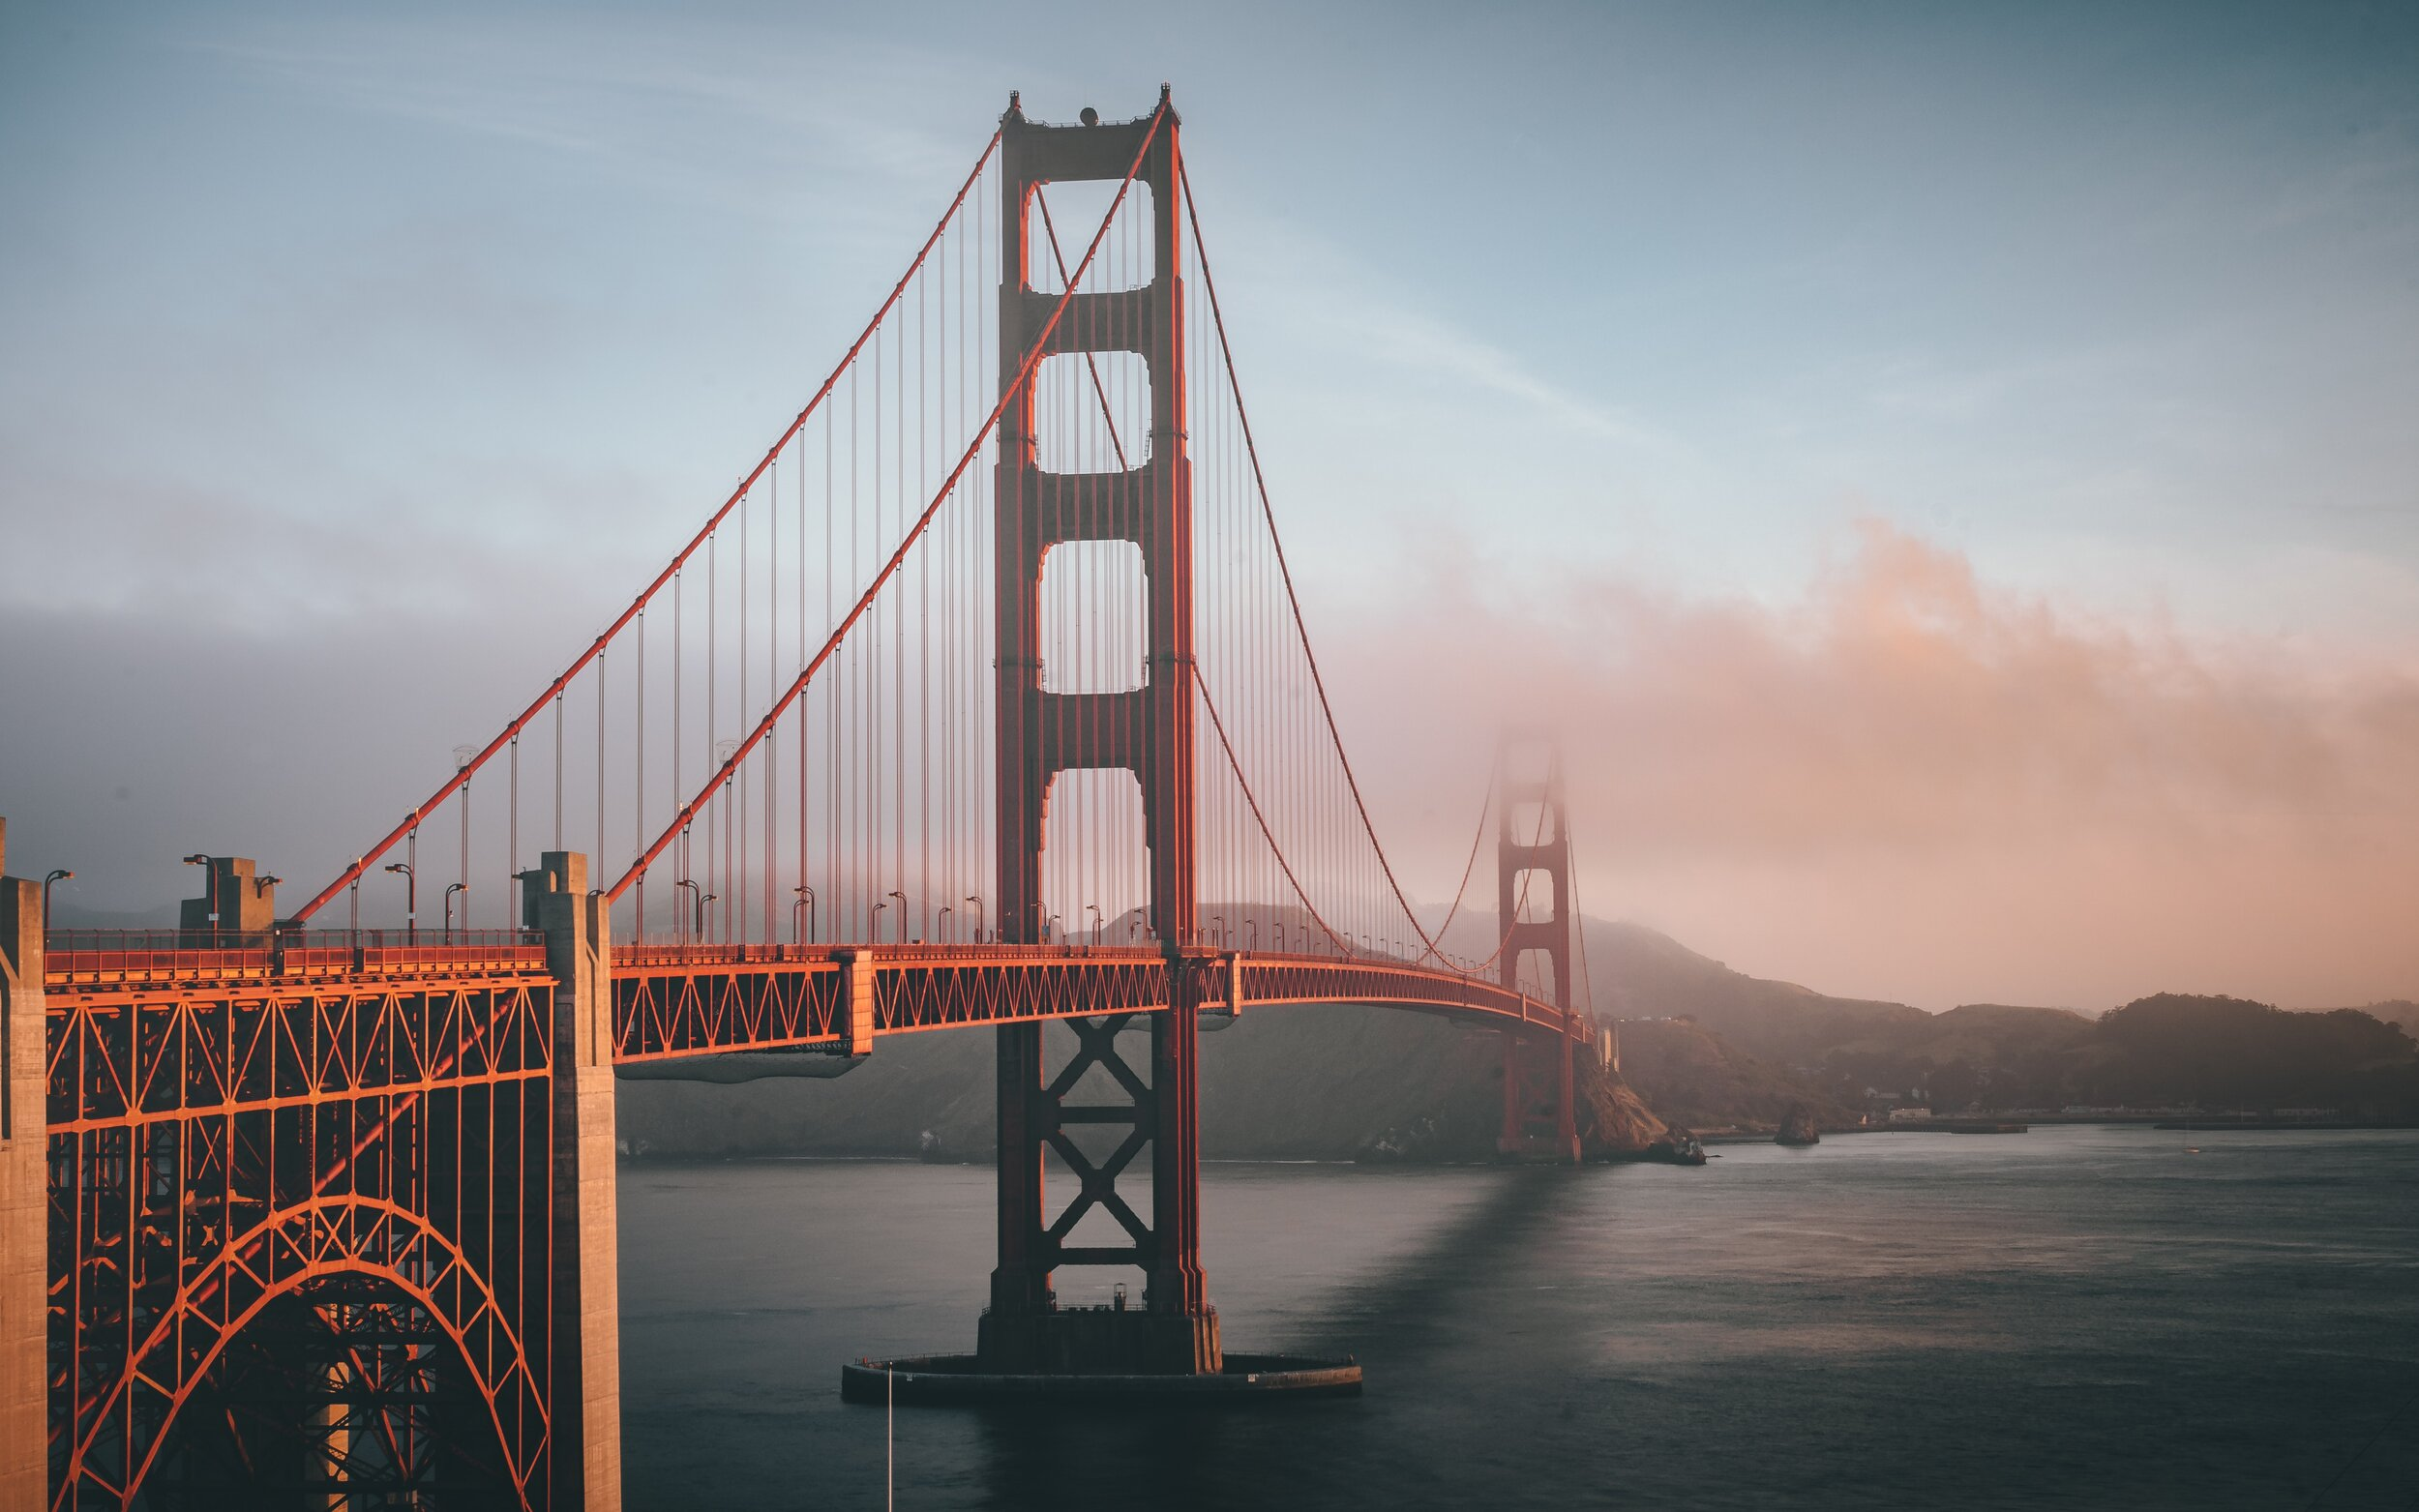 golden-gate-bridge-san-francisco-california-1141853.jpg